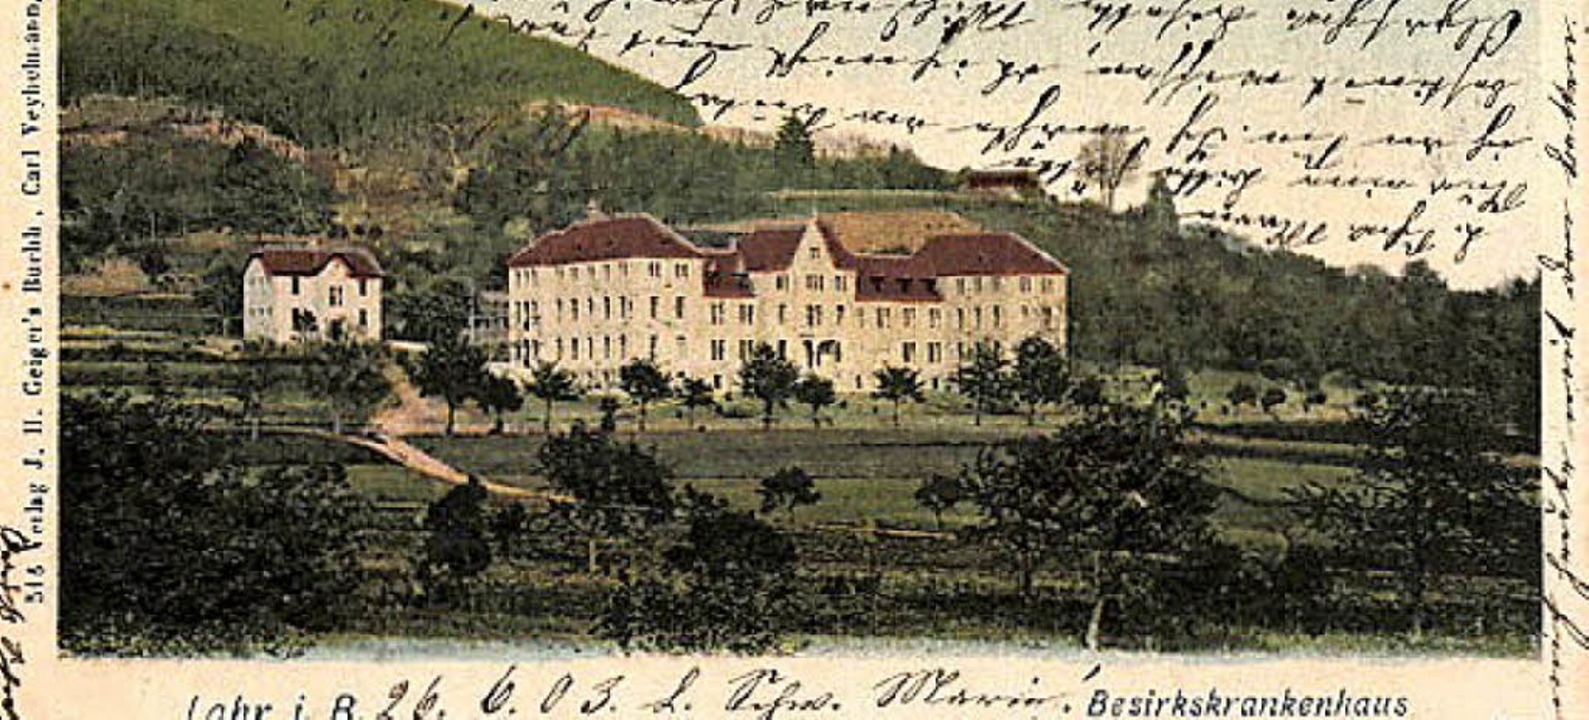 Eine alte Postkarte zeigt das Bezirkskrankenhaus  | Foto: Norbert Klein